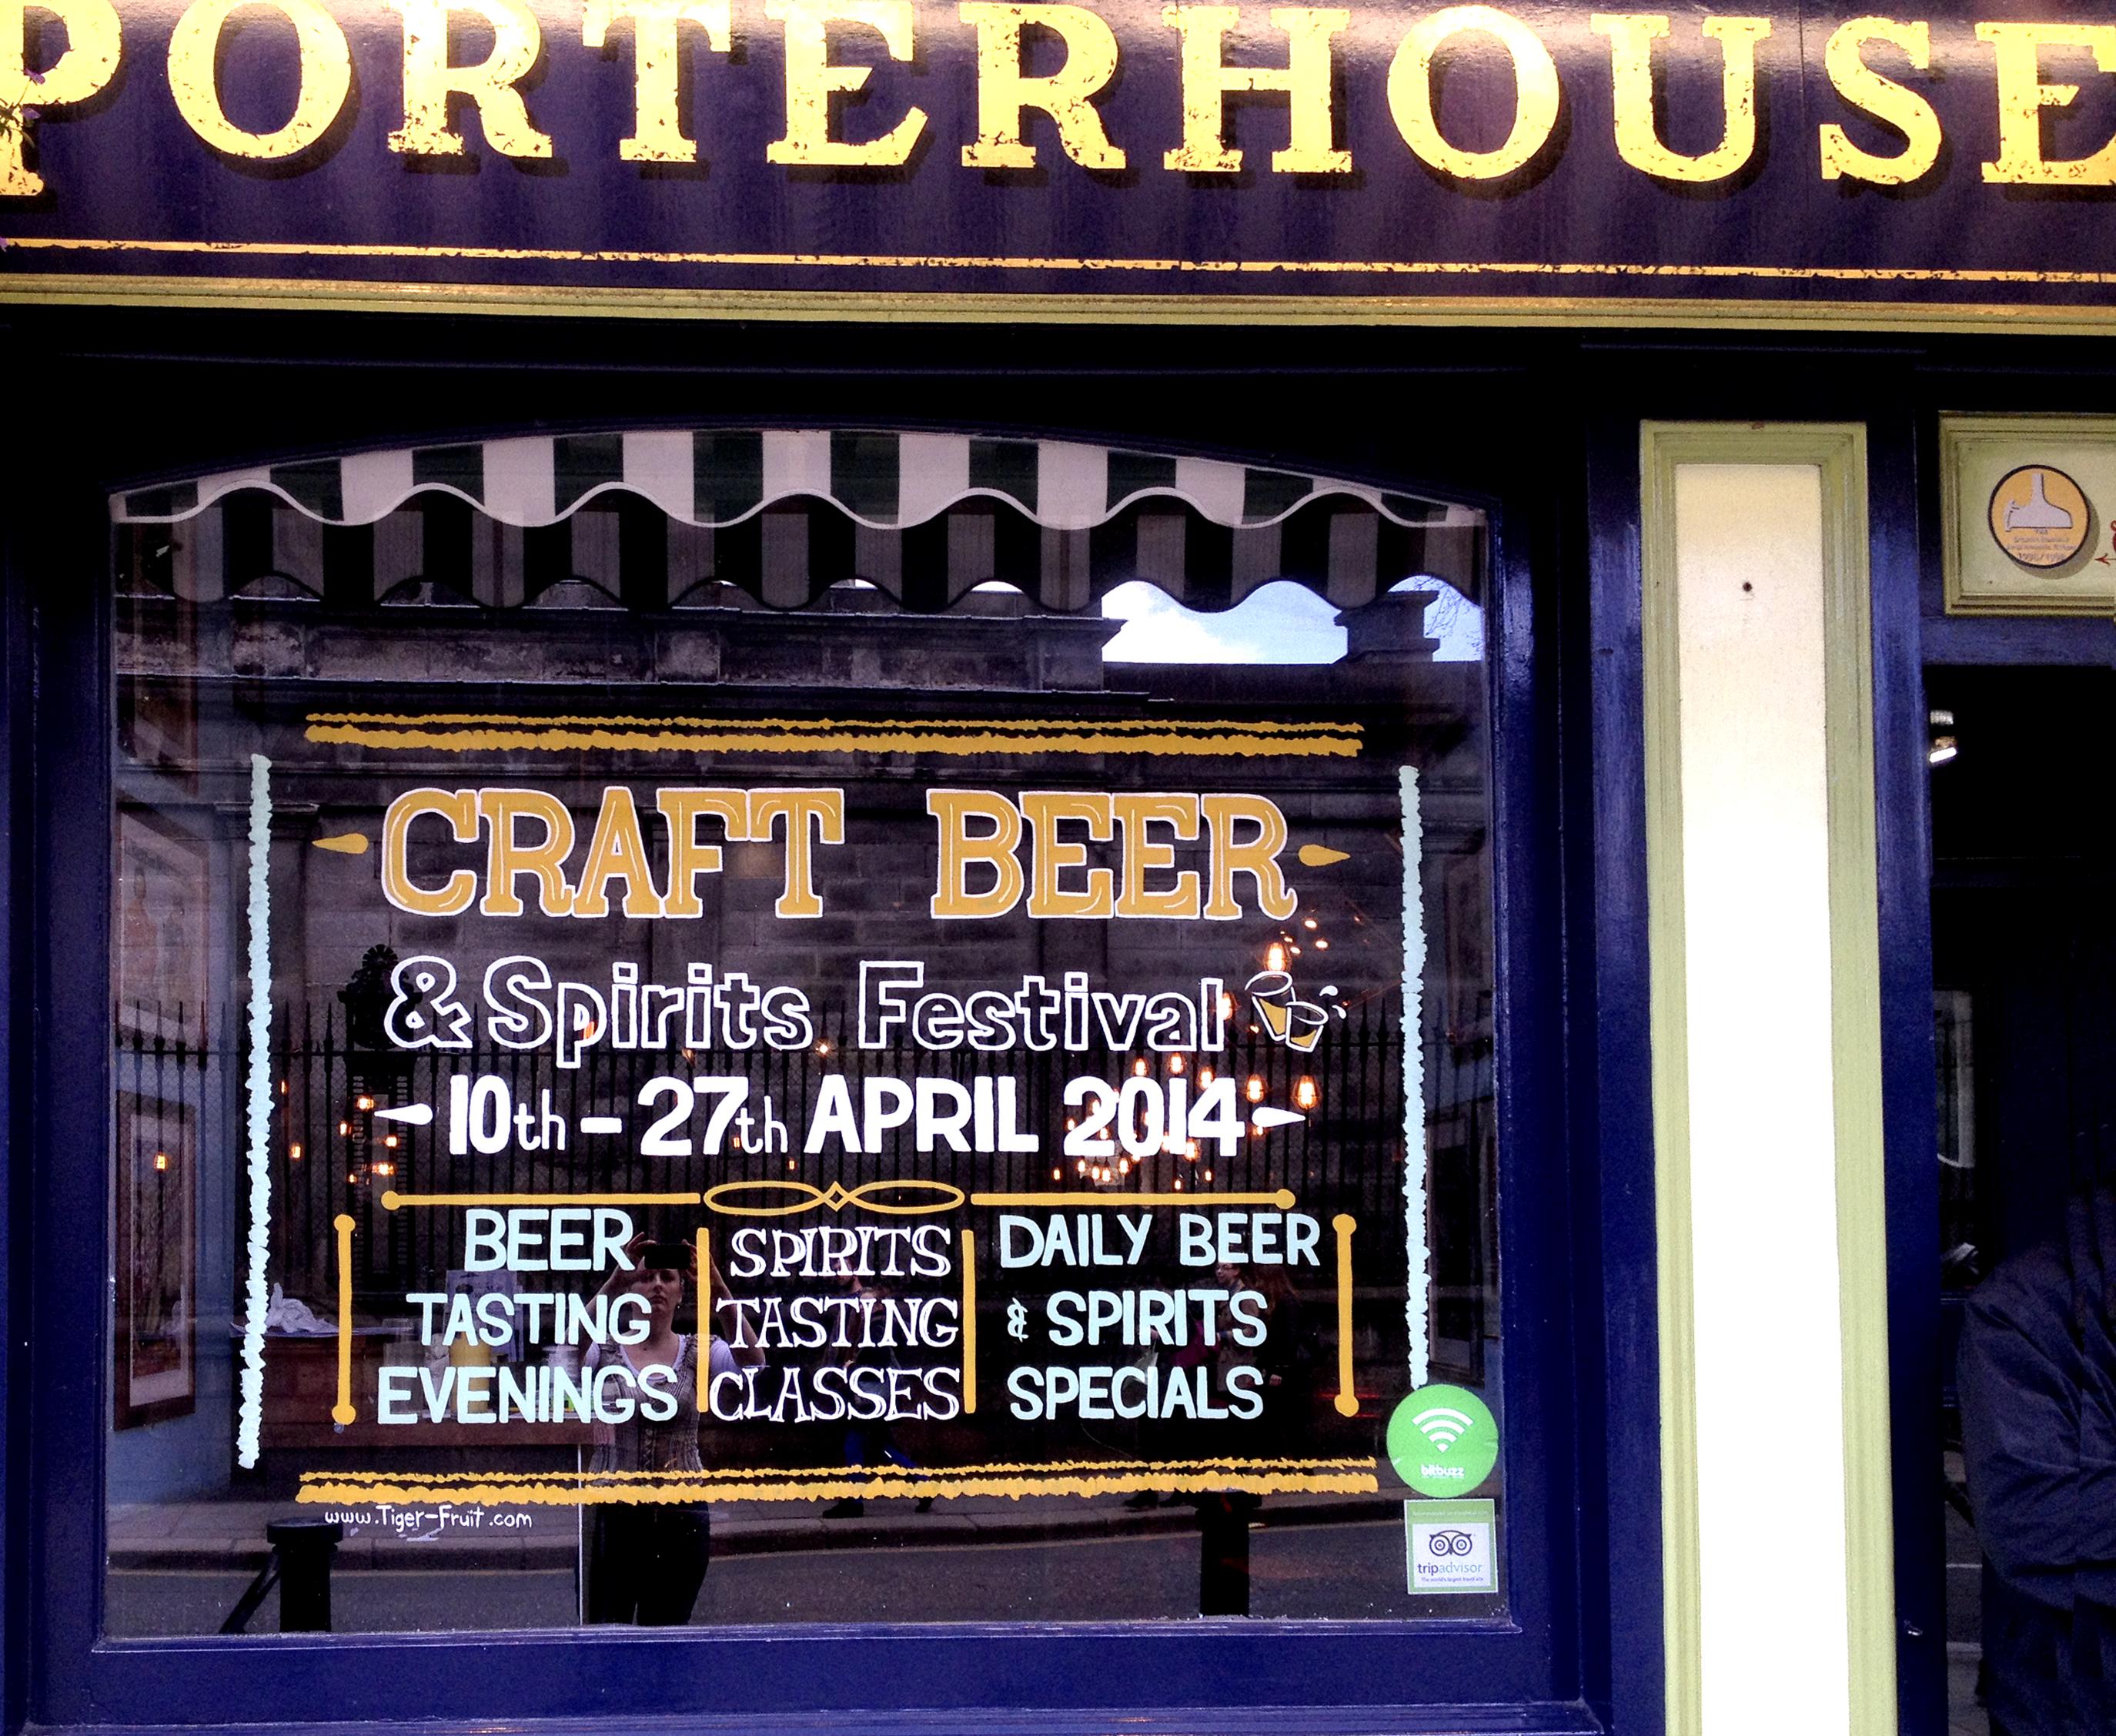 Porterhouse_Craft_Beer